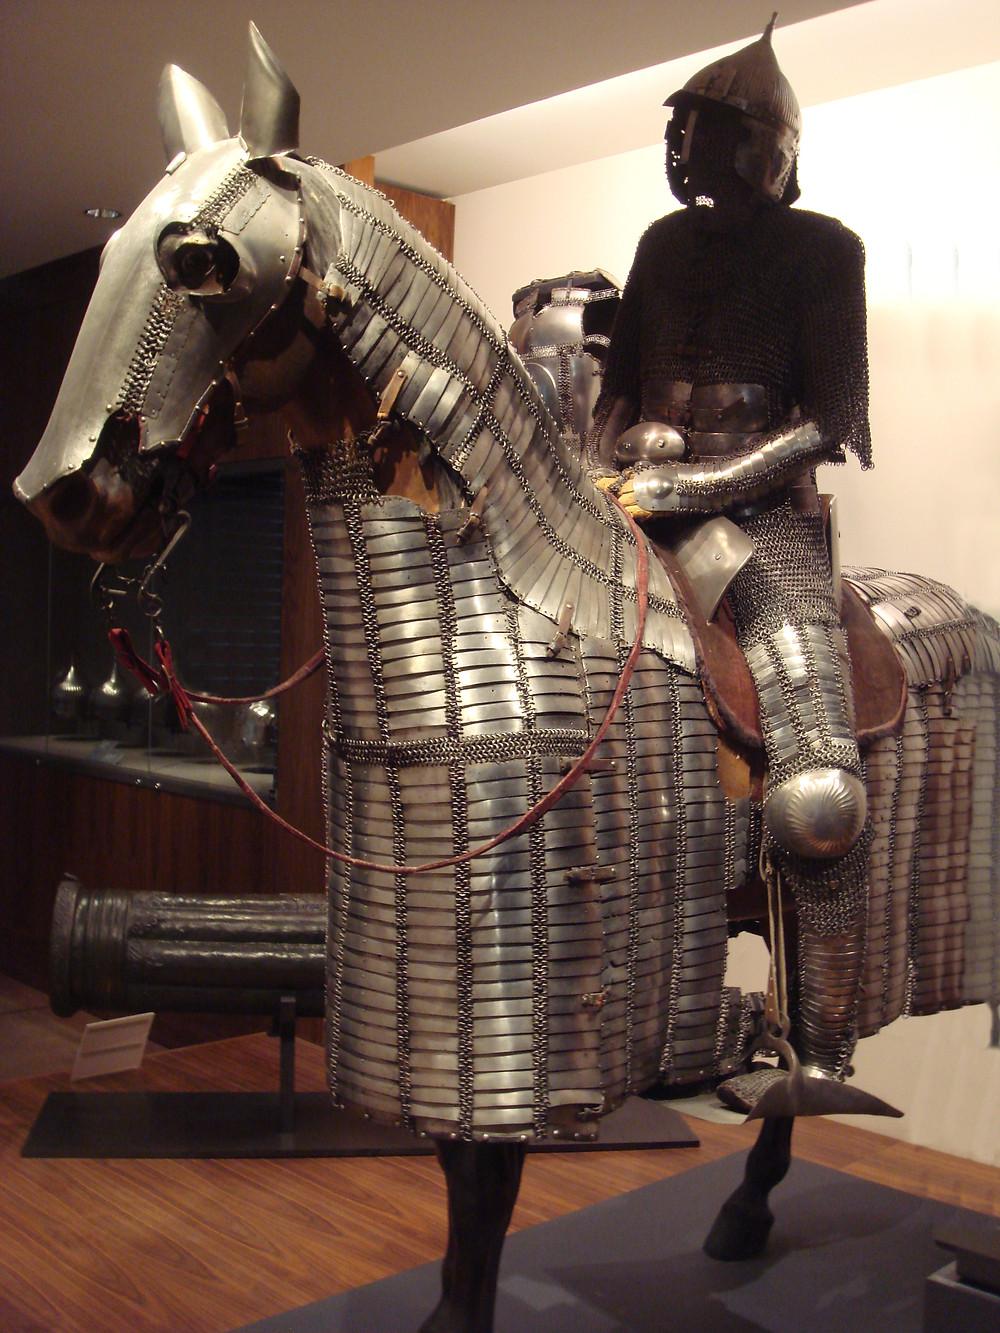 Mamluk horse armor